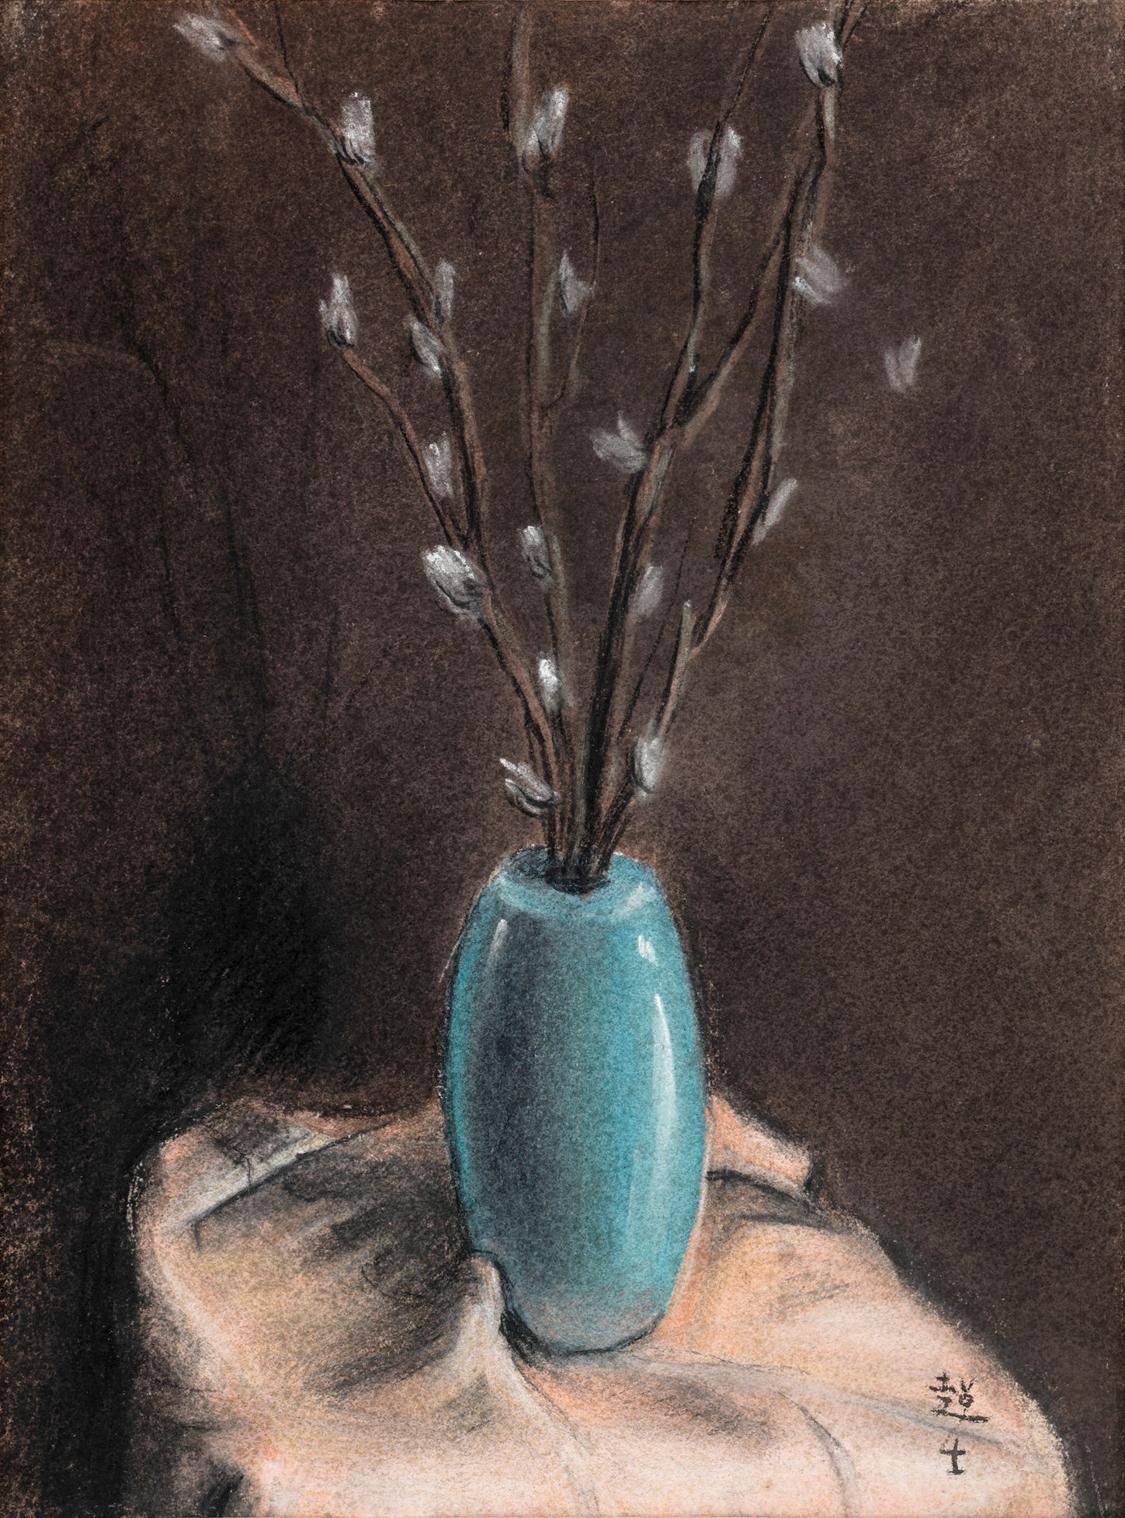 蓝花瓶静物